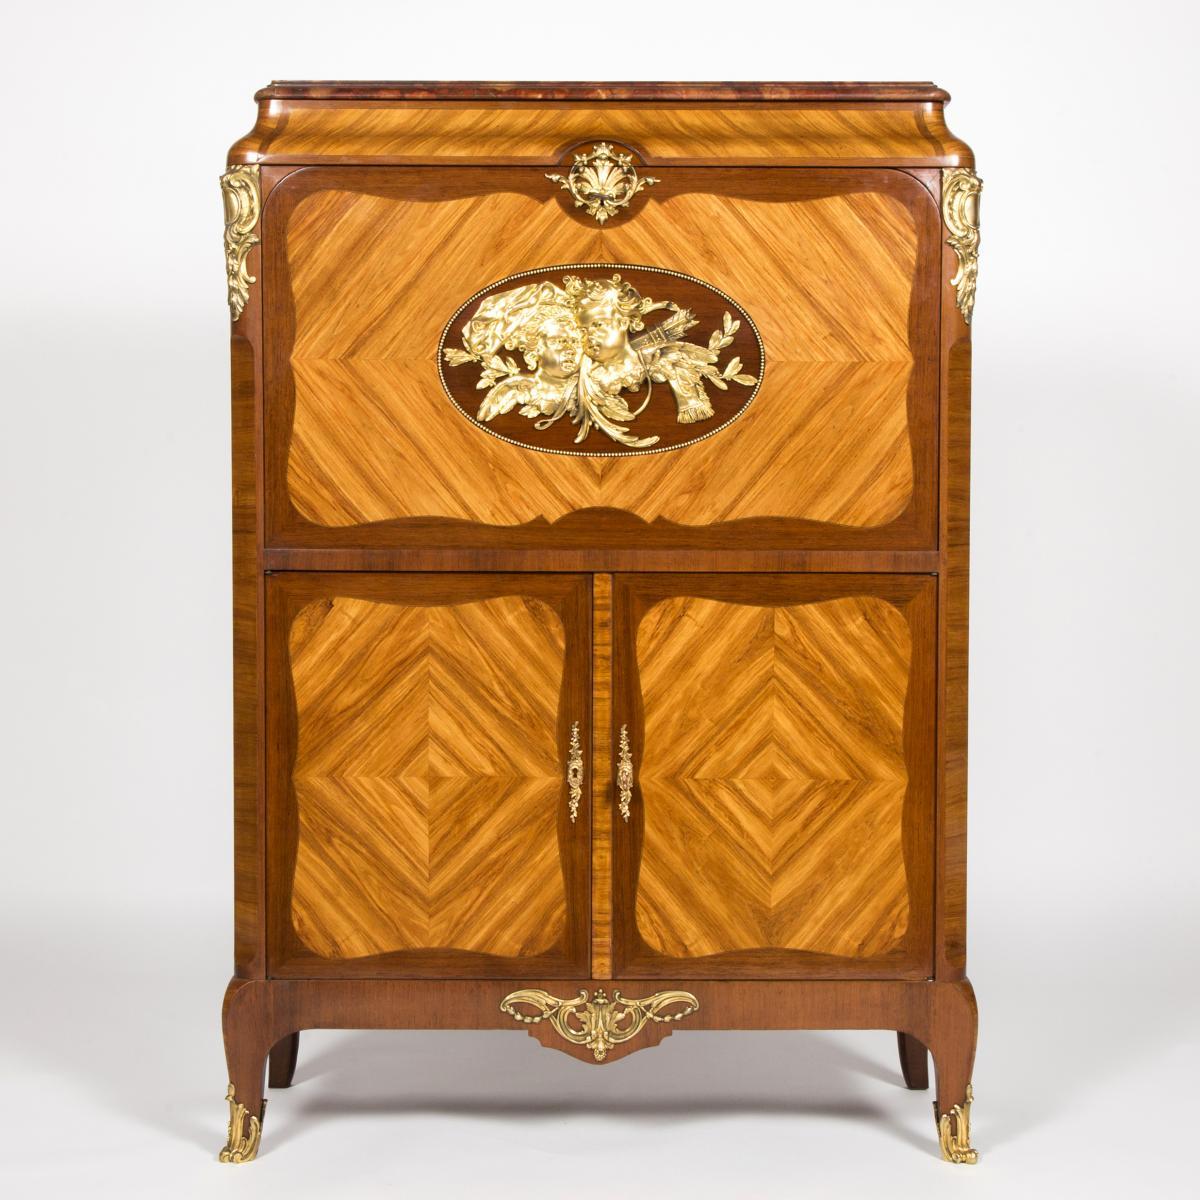 Secrétaire marqueté de bois précieux au médaillon, XIXe